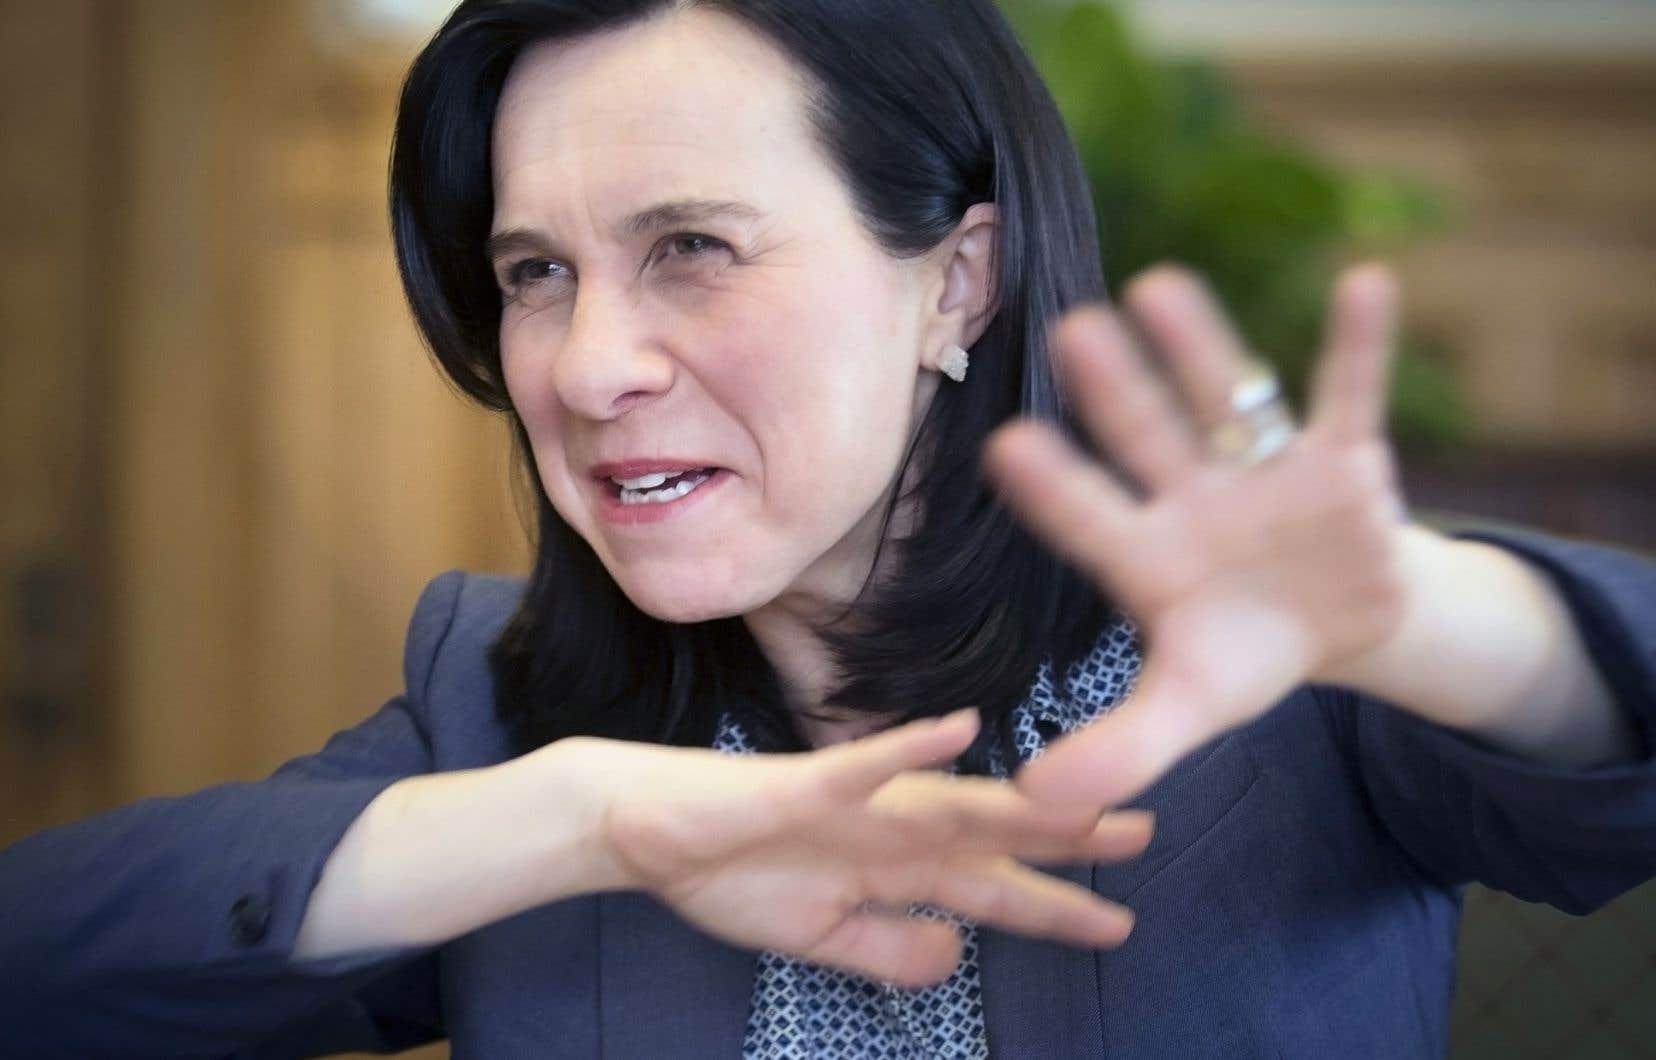 Le parcours de Valérie Plante au cours des 100 premiers jours de son mandat à la mairie de Montréal n'a pas été sans fautes.